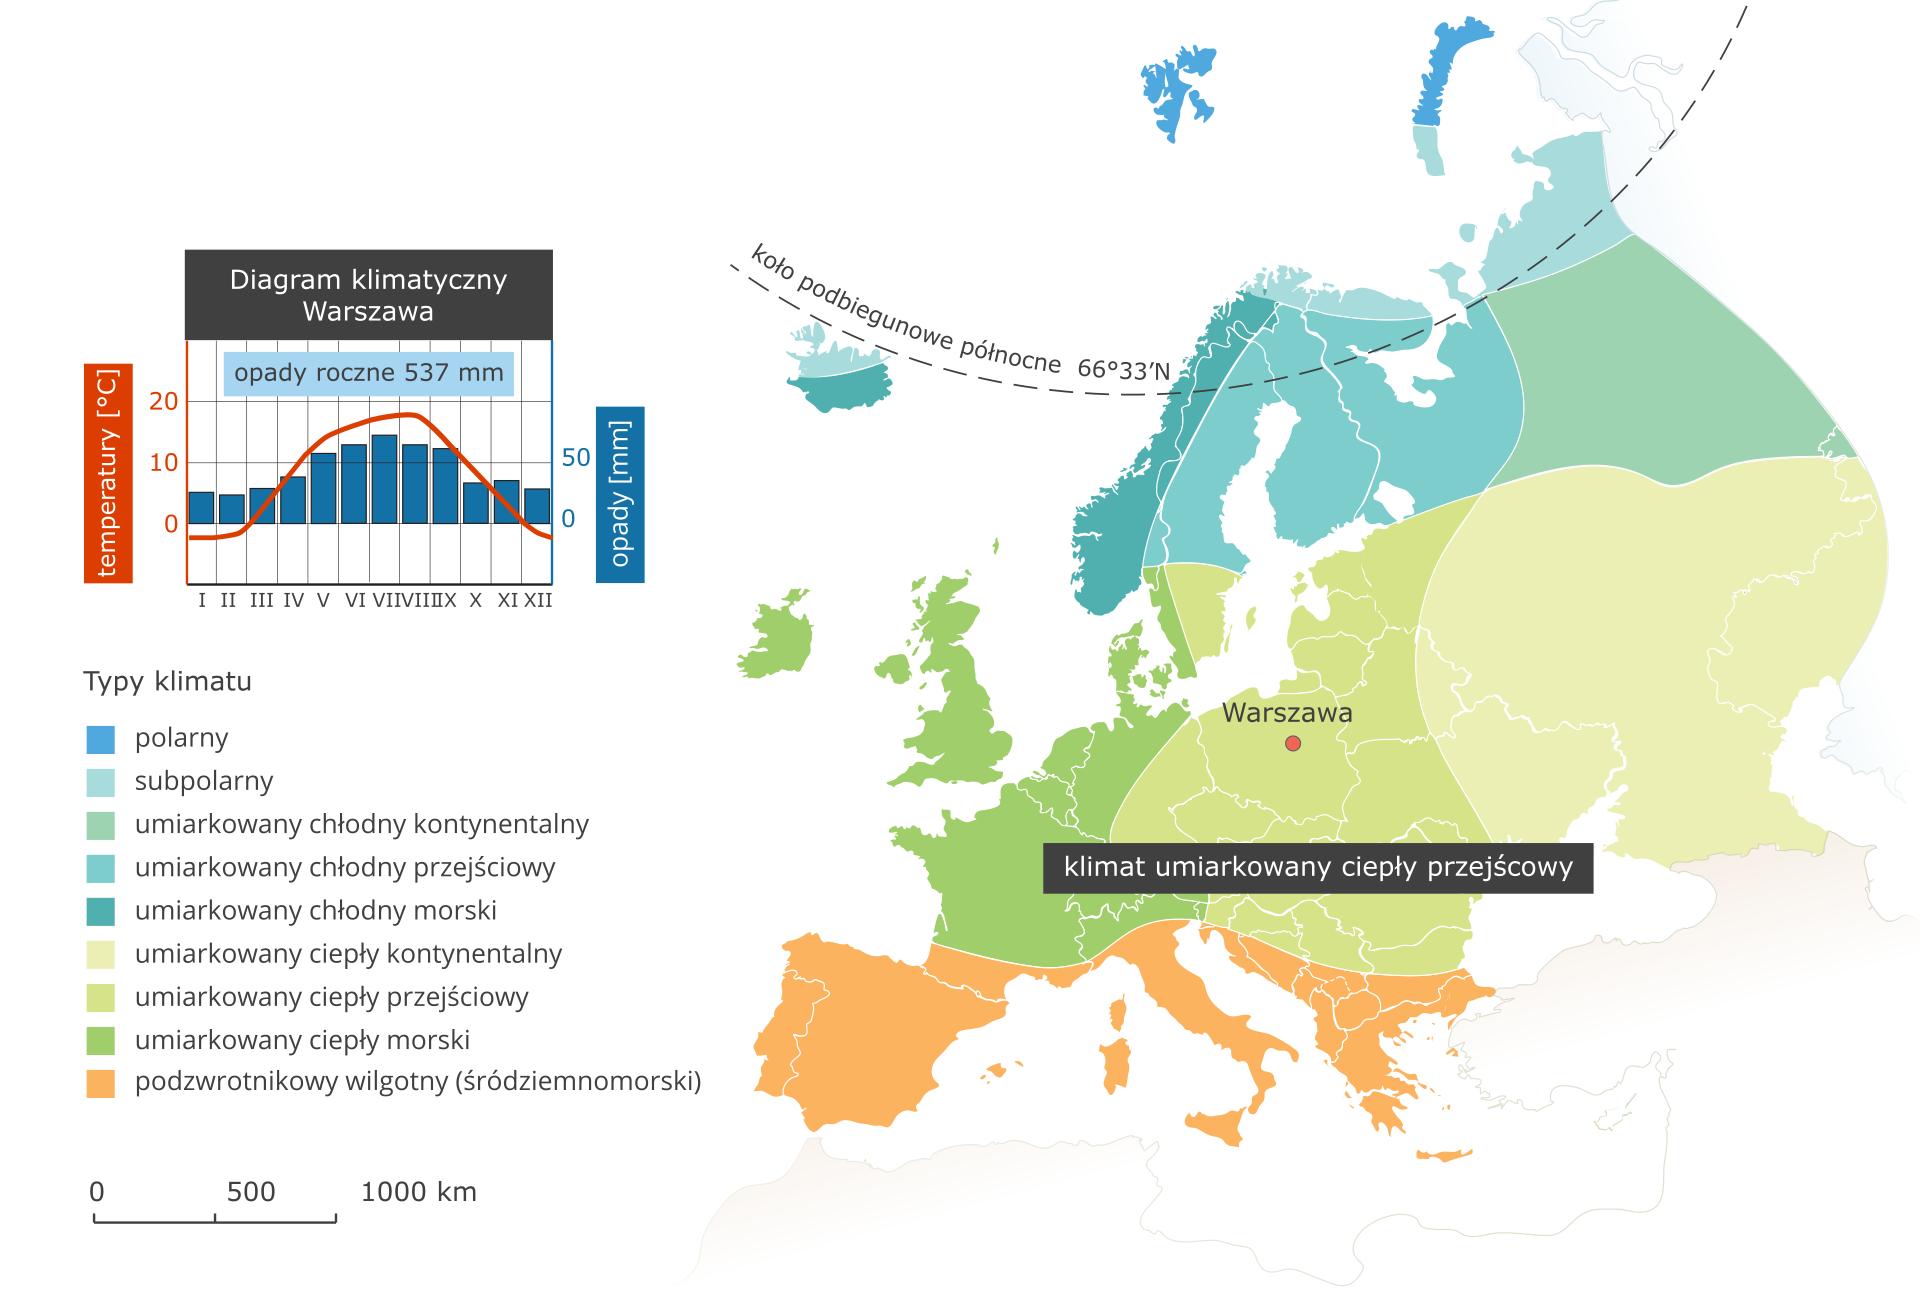 Ilustracja przedstawia mapę typów klimatu wEuropie. Kolorami oznaczono typy klimatu, układają się one pasami oprzebiegu równoleżnikowym. Na północy kontynentu klimat polarny isubpolarny, dalej na południe umiarkowany chłodny (odmiana kontynentalna, przejściowa imorska). Kolejnym pasem jest klimat umiarkowany ciepły (ponownie wtrzech odmianach wzależności od odległości od wybrzeży). Na mapie podpisano jedynie klimat ciepły przejściowy obejmujący Europę środkową, wtym Polskę. Na południu Europy (Półwyspy Iberyjski, Apeniński iBałkański) klimat podzwrotnikowy wilgotny (śródziemnomorski). Wlegendzie umieszczono iopisano kolory użyte na mapie. Obok mapy diagram klimatyczny dla Warszawy leżącej wklimacie umiarkowanym ciepłym przejściowym – opady roczne poniżej sześciuset milimetrów, większe wiosną, latem ijesienią. Latem średnia temperatura dwadzieścia stopni Celsjusza, zimą – nieco poniżej zera.